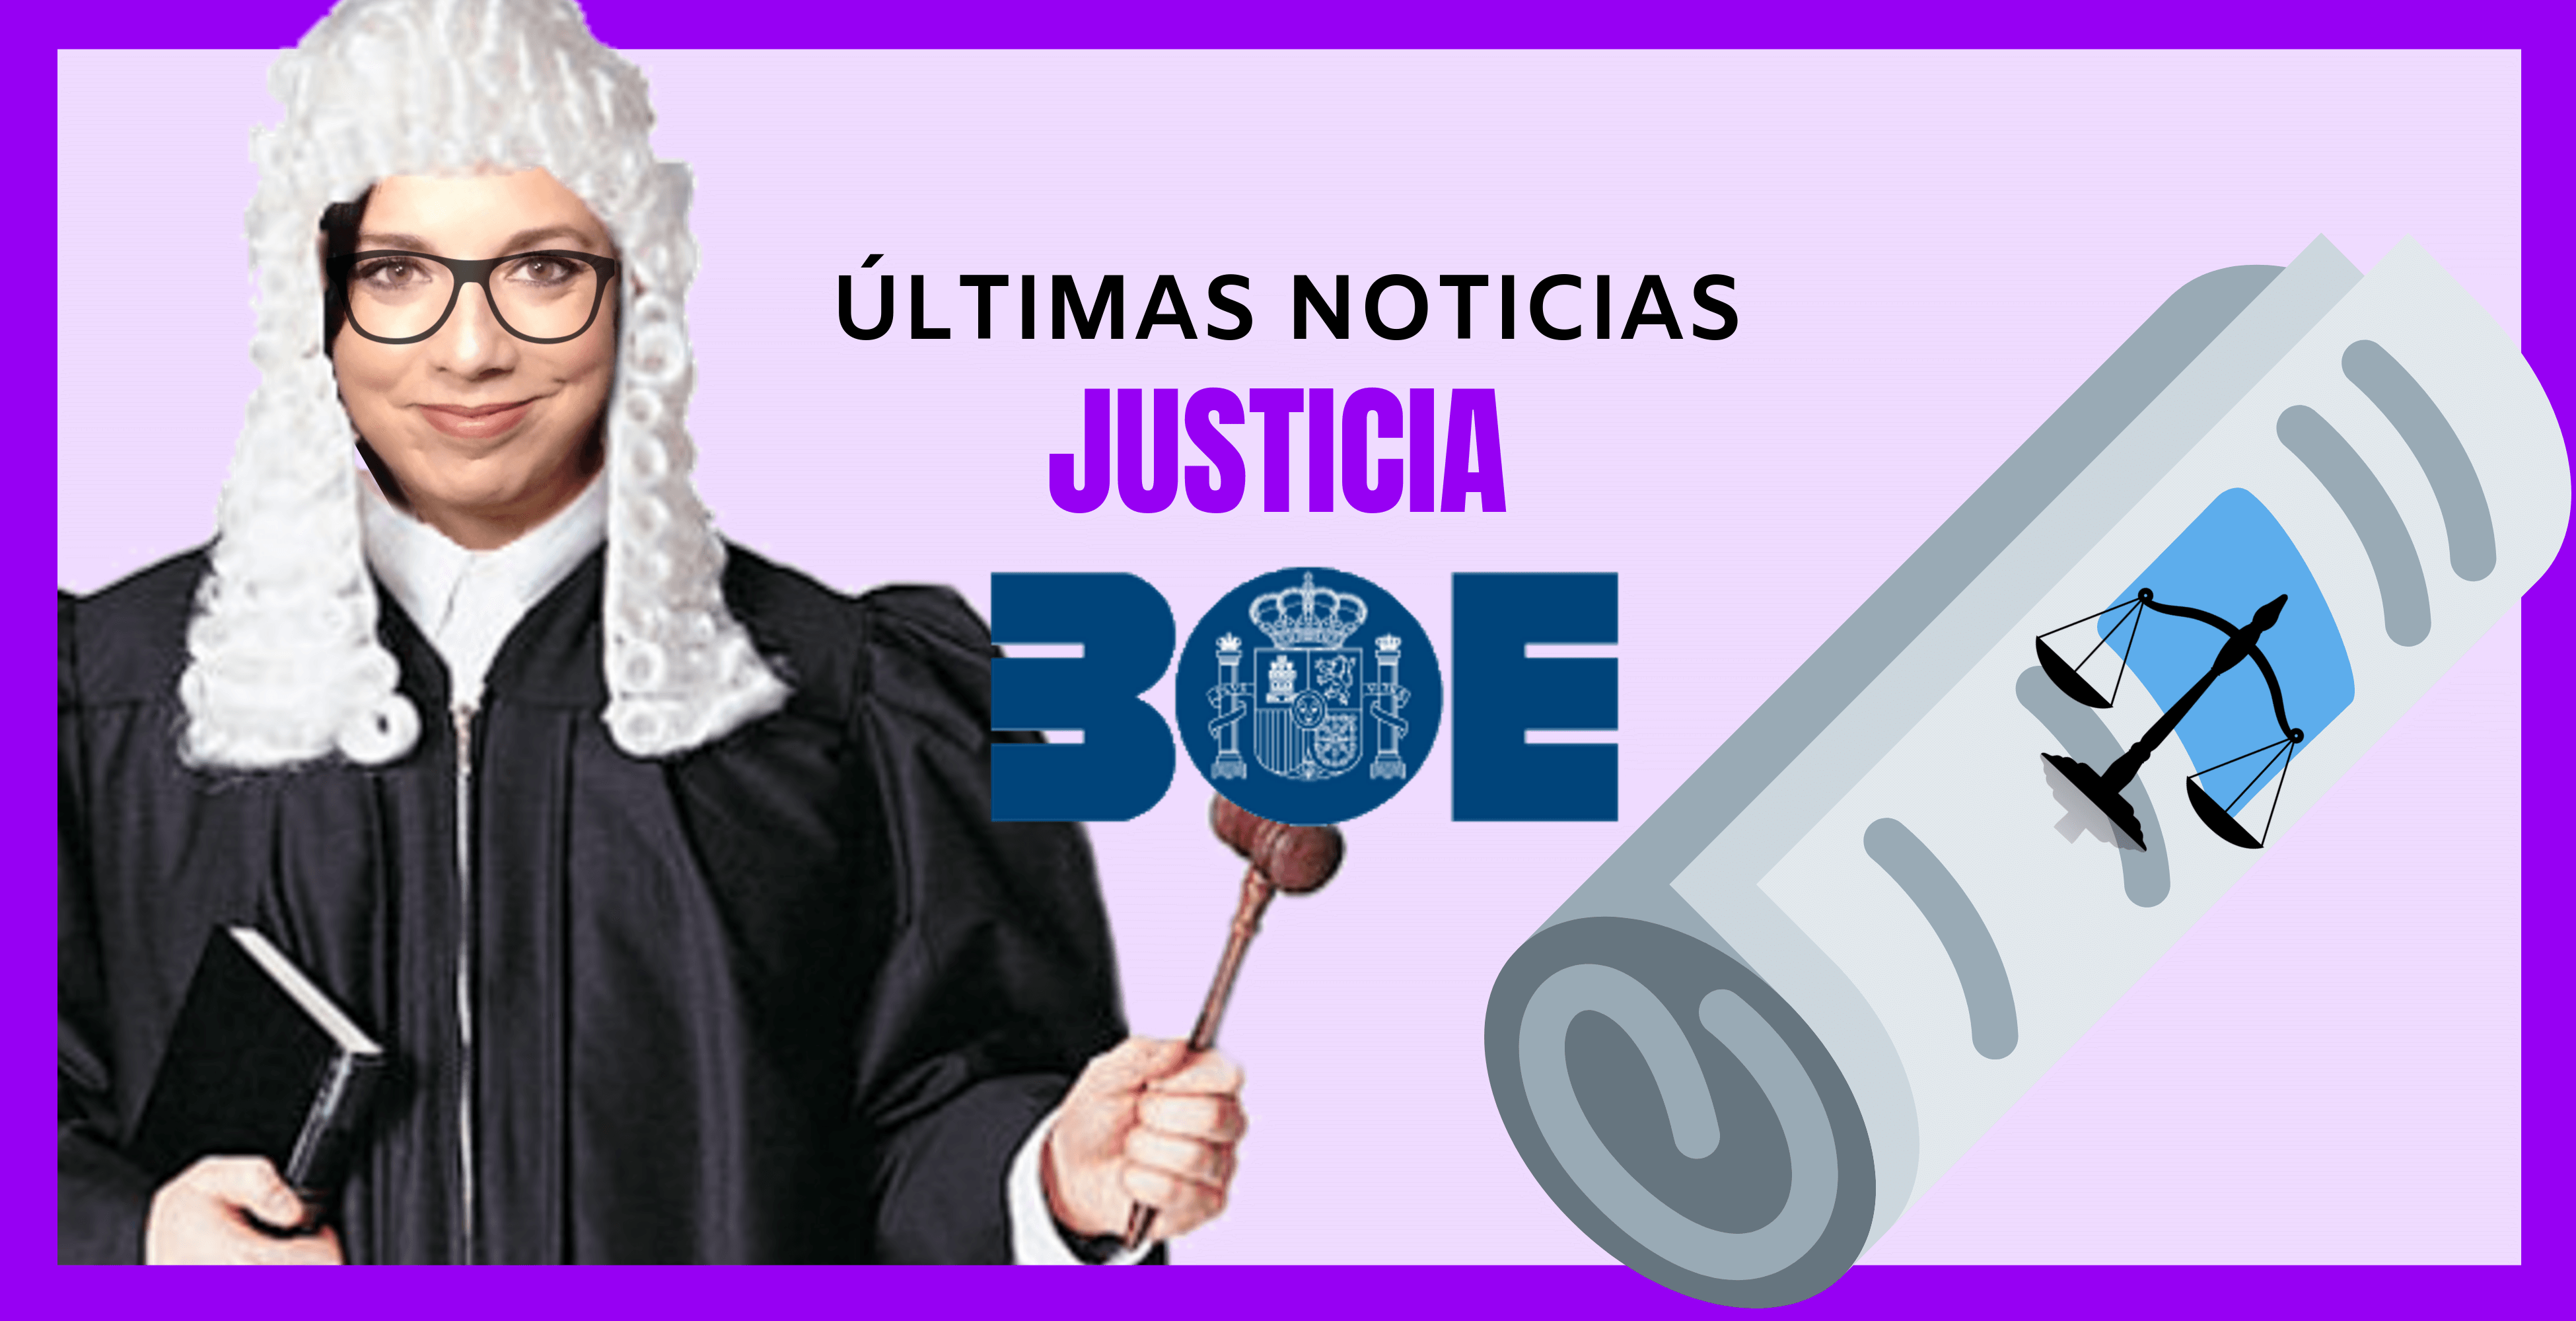 ultimas noticias oposiciones auxilio judicial y tramitacion procesal